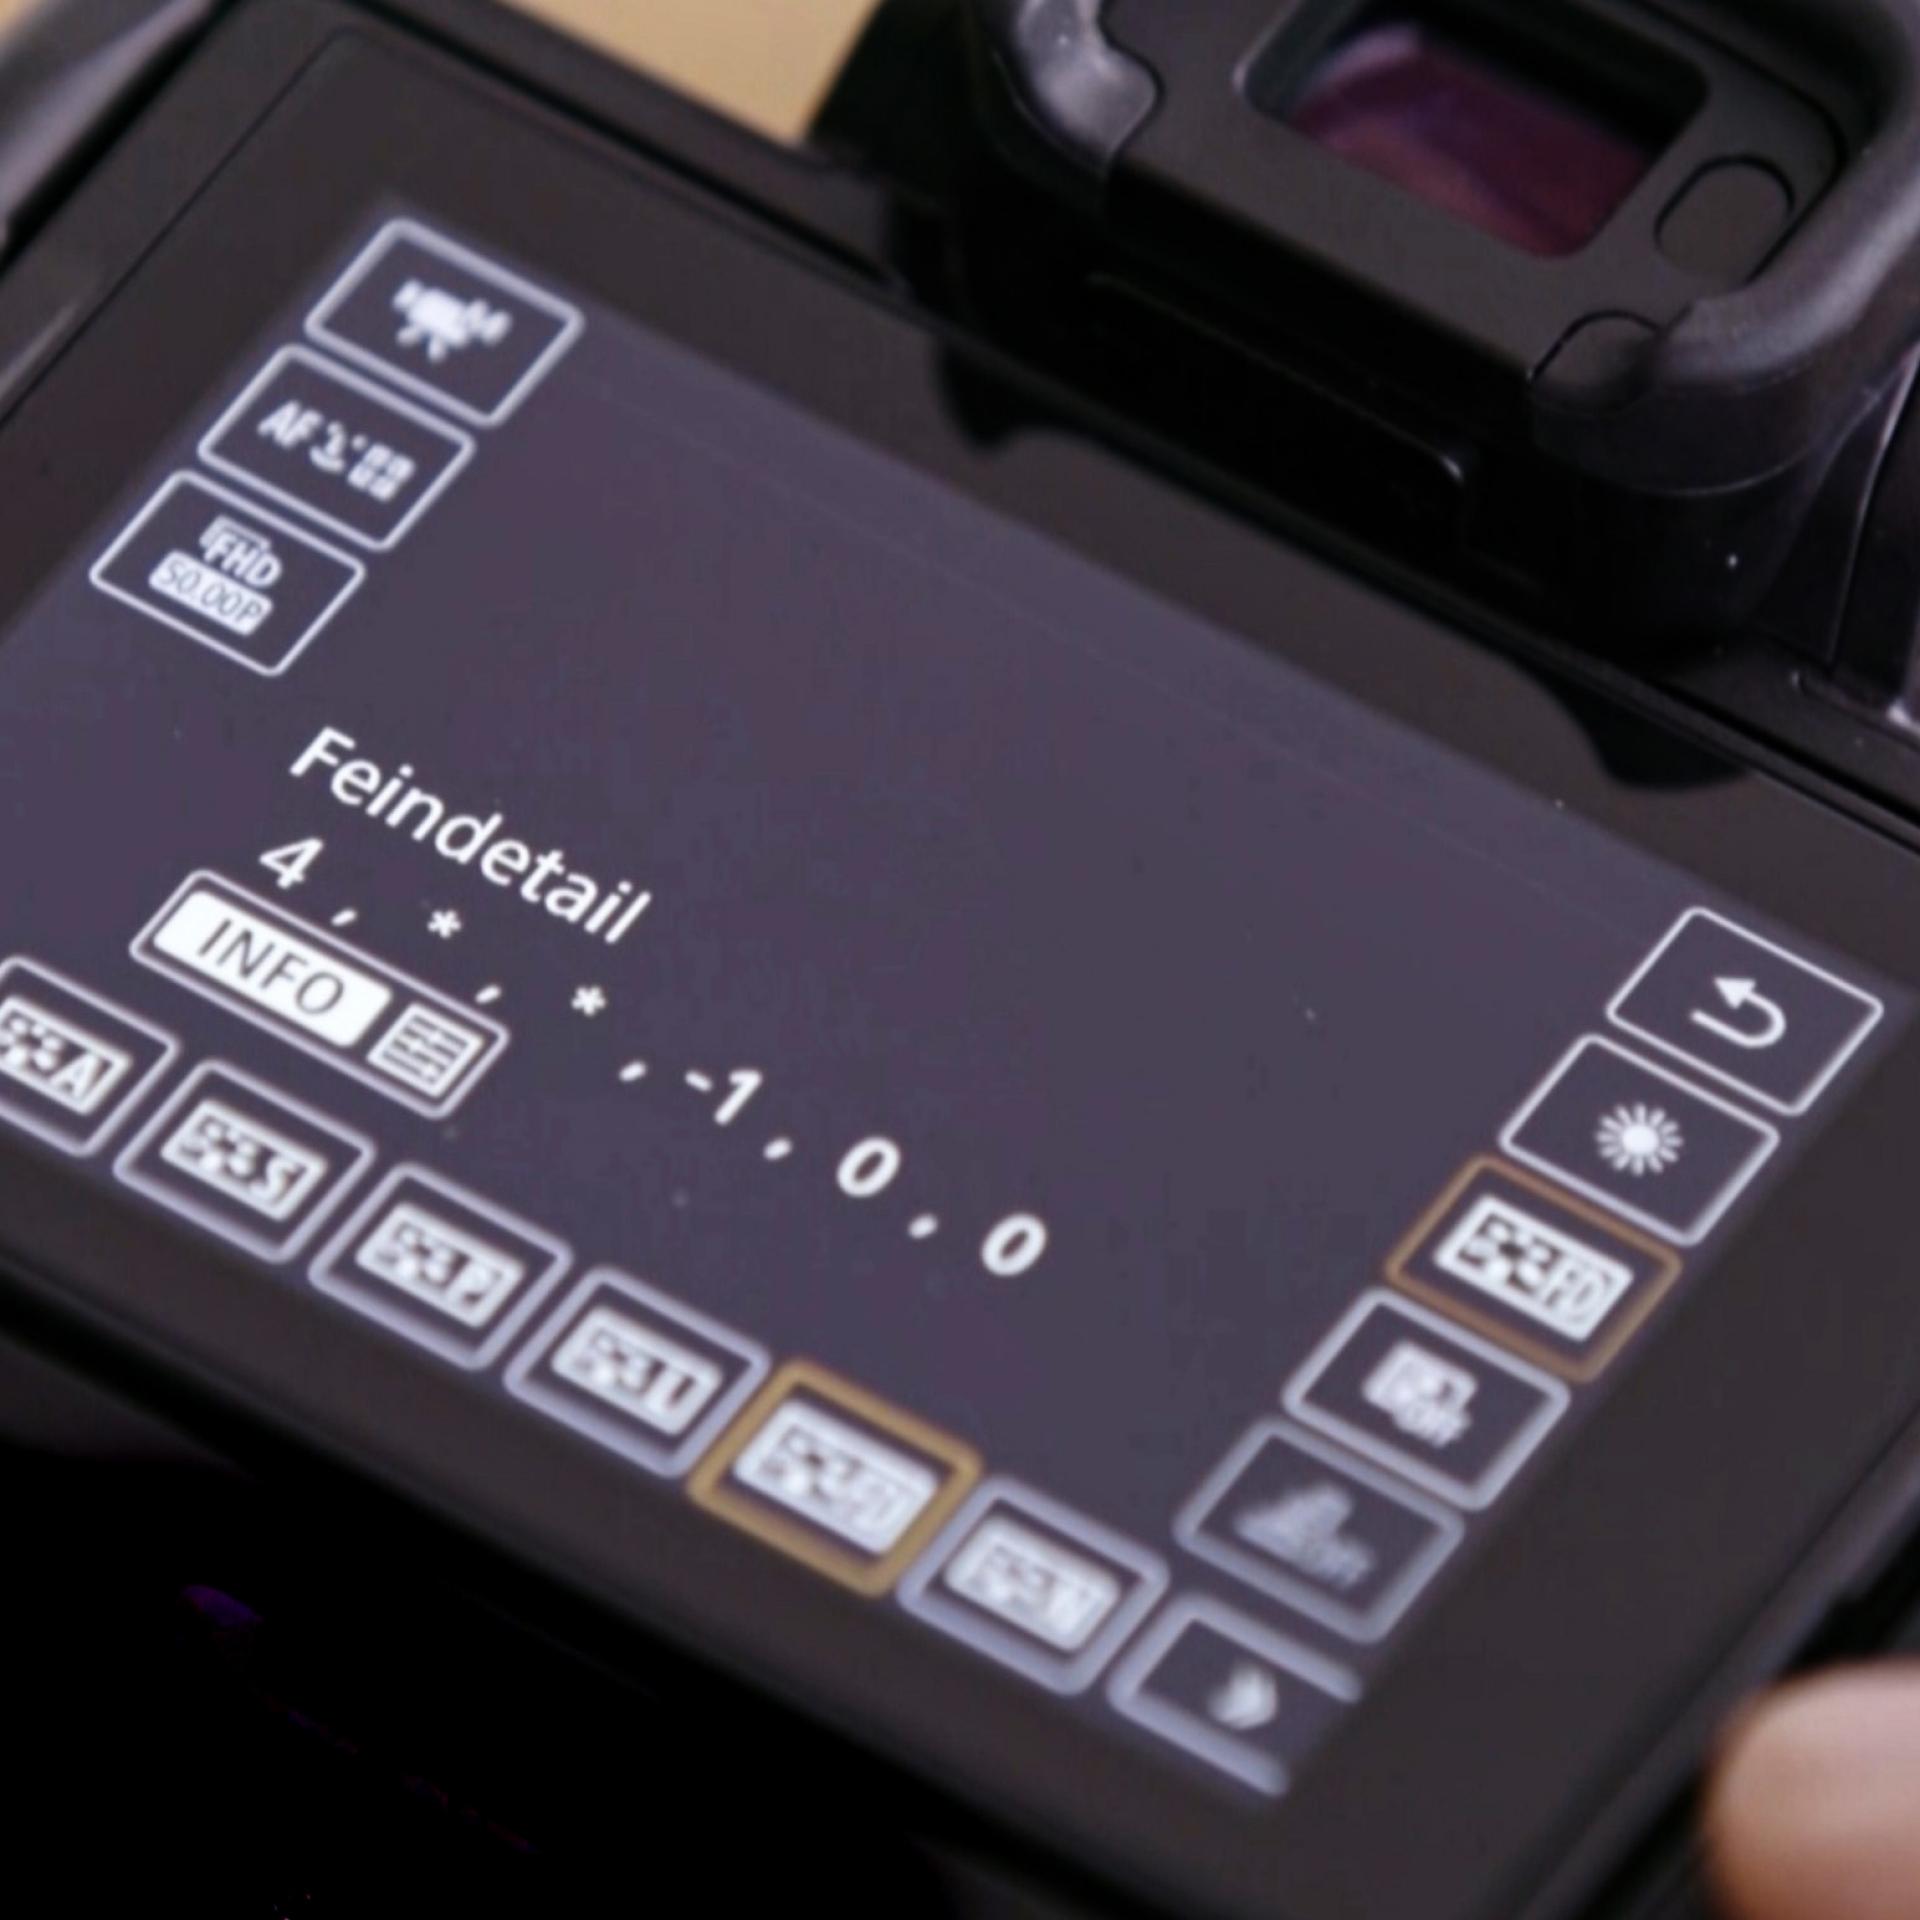 Canon, Filmen mit der EOS, Full-HD-Auflösung, Bildstil